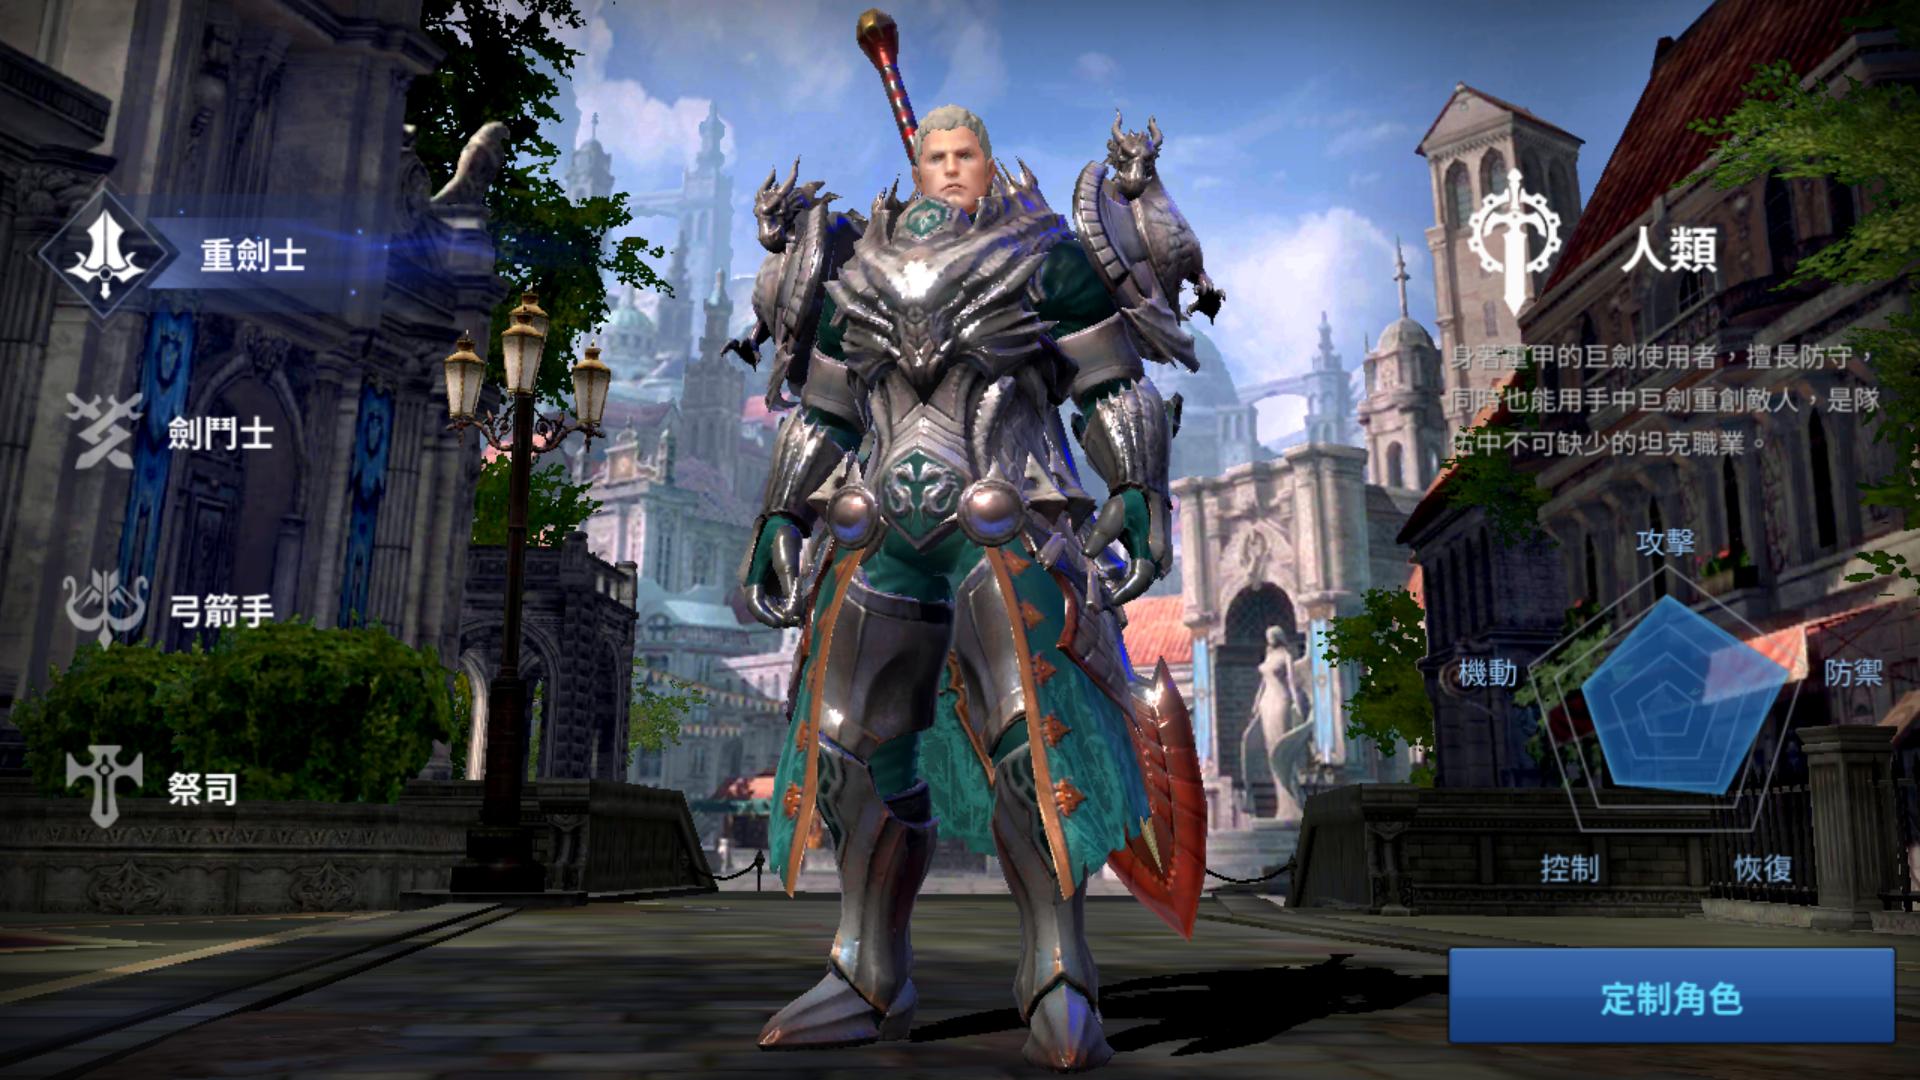 「重劍士」具備強大的近戰能力與防禦力